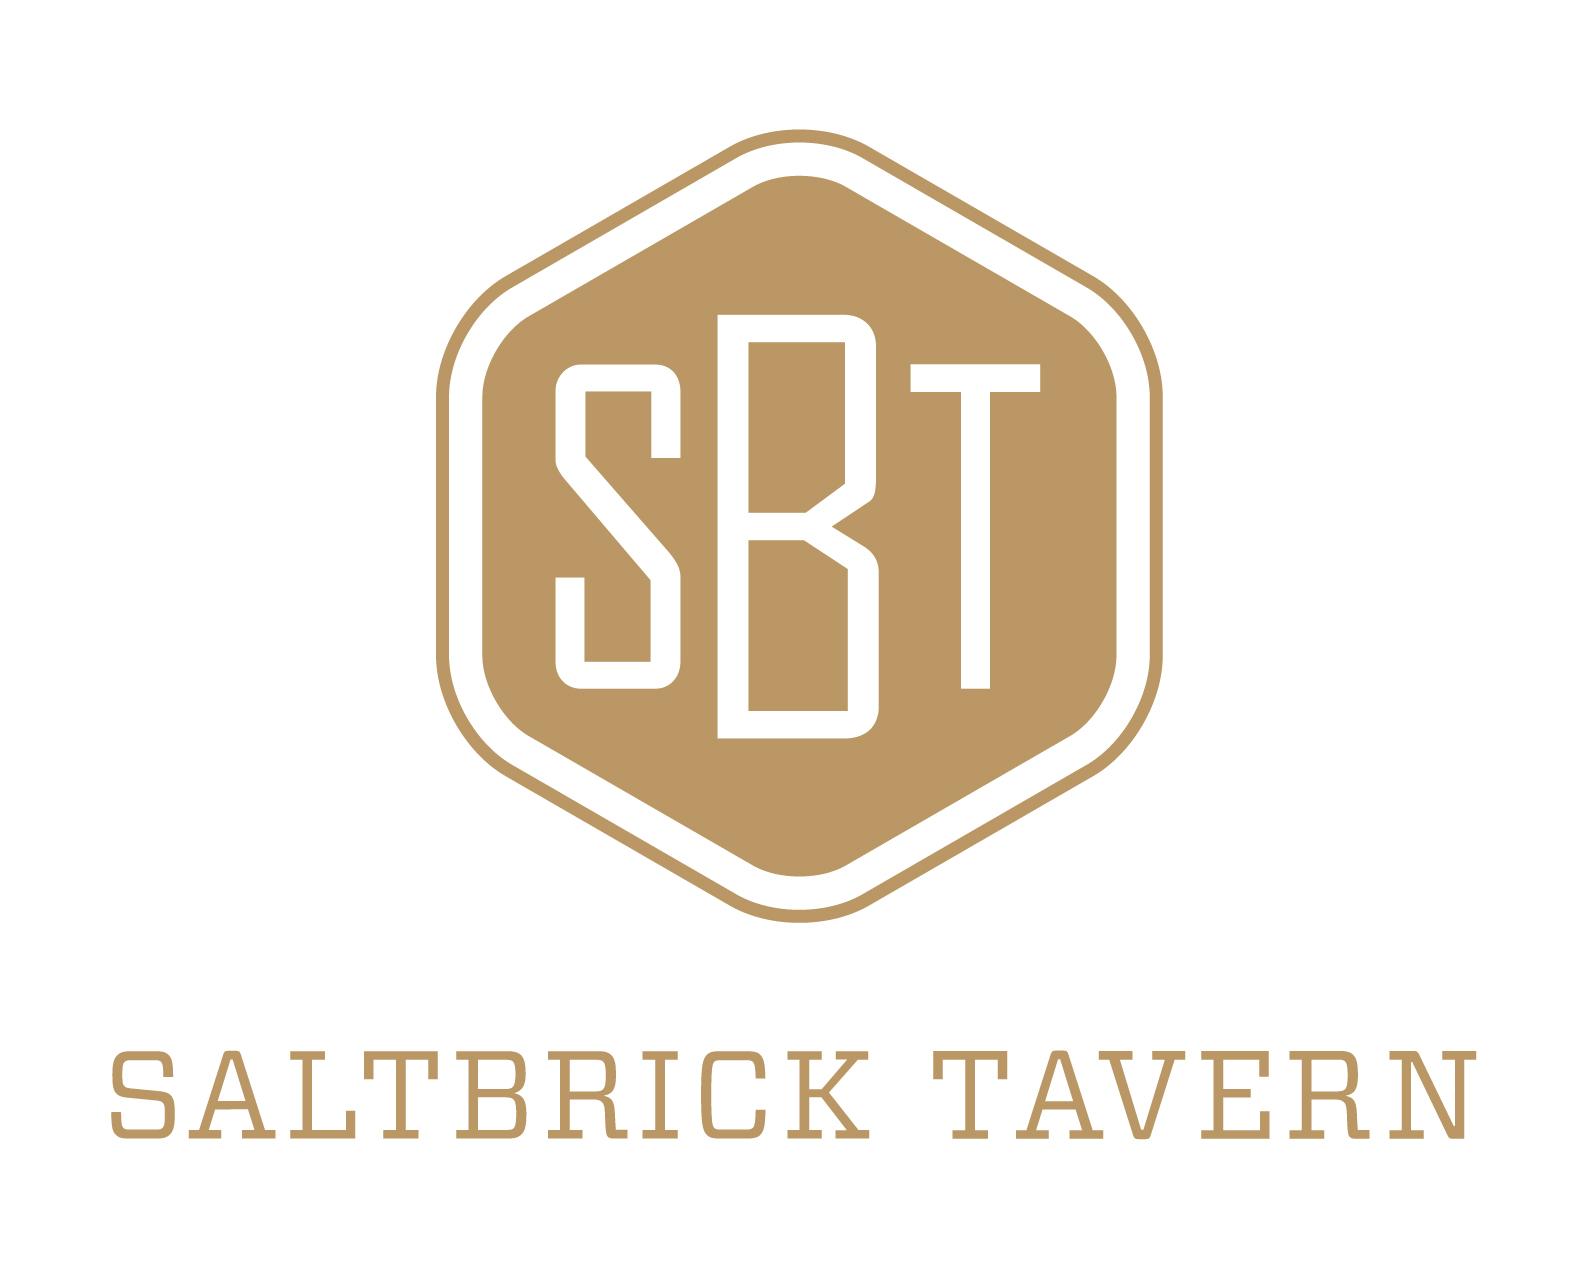 SaltbrickTavern_Logo.jpg